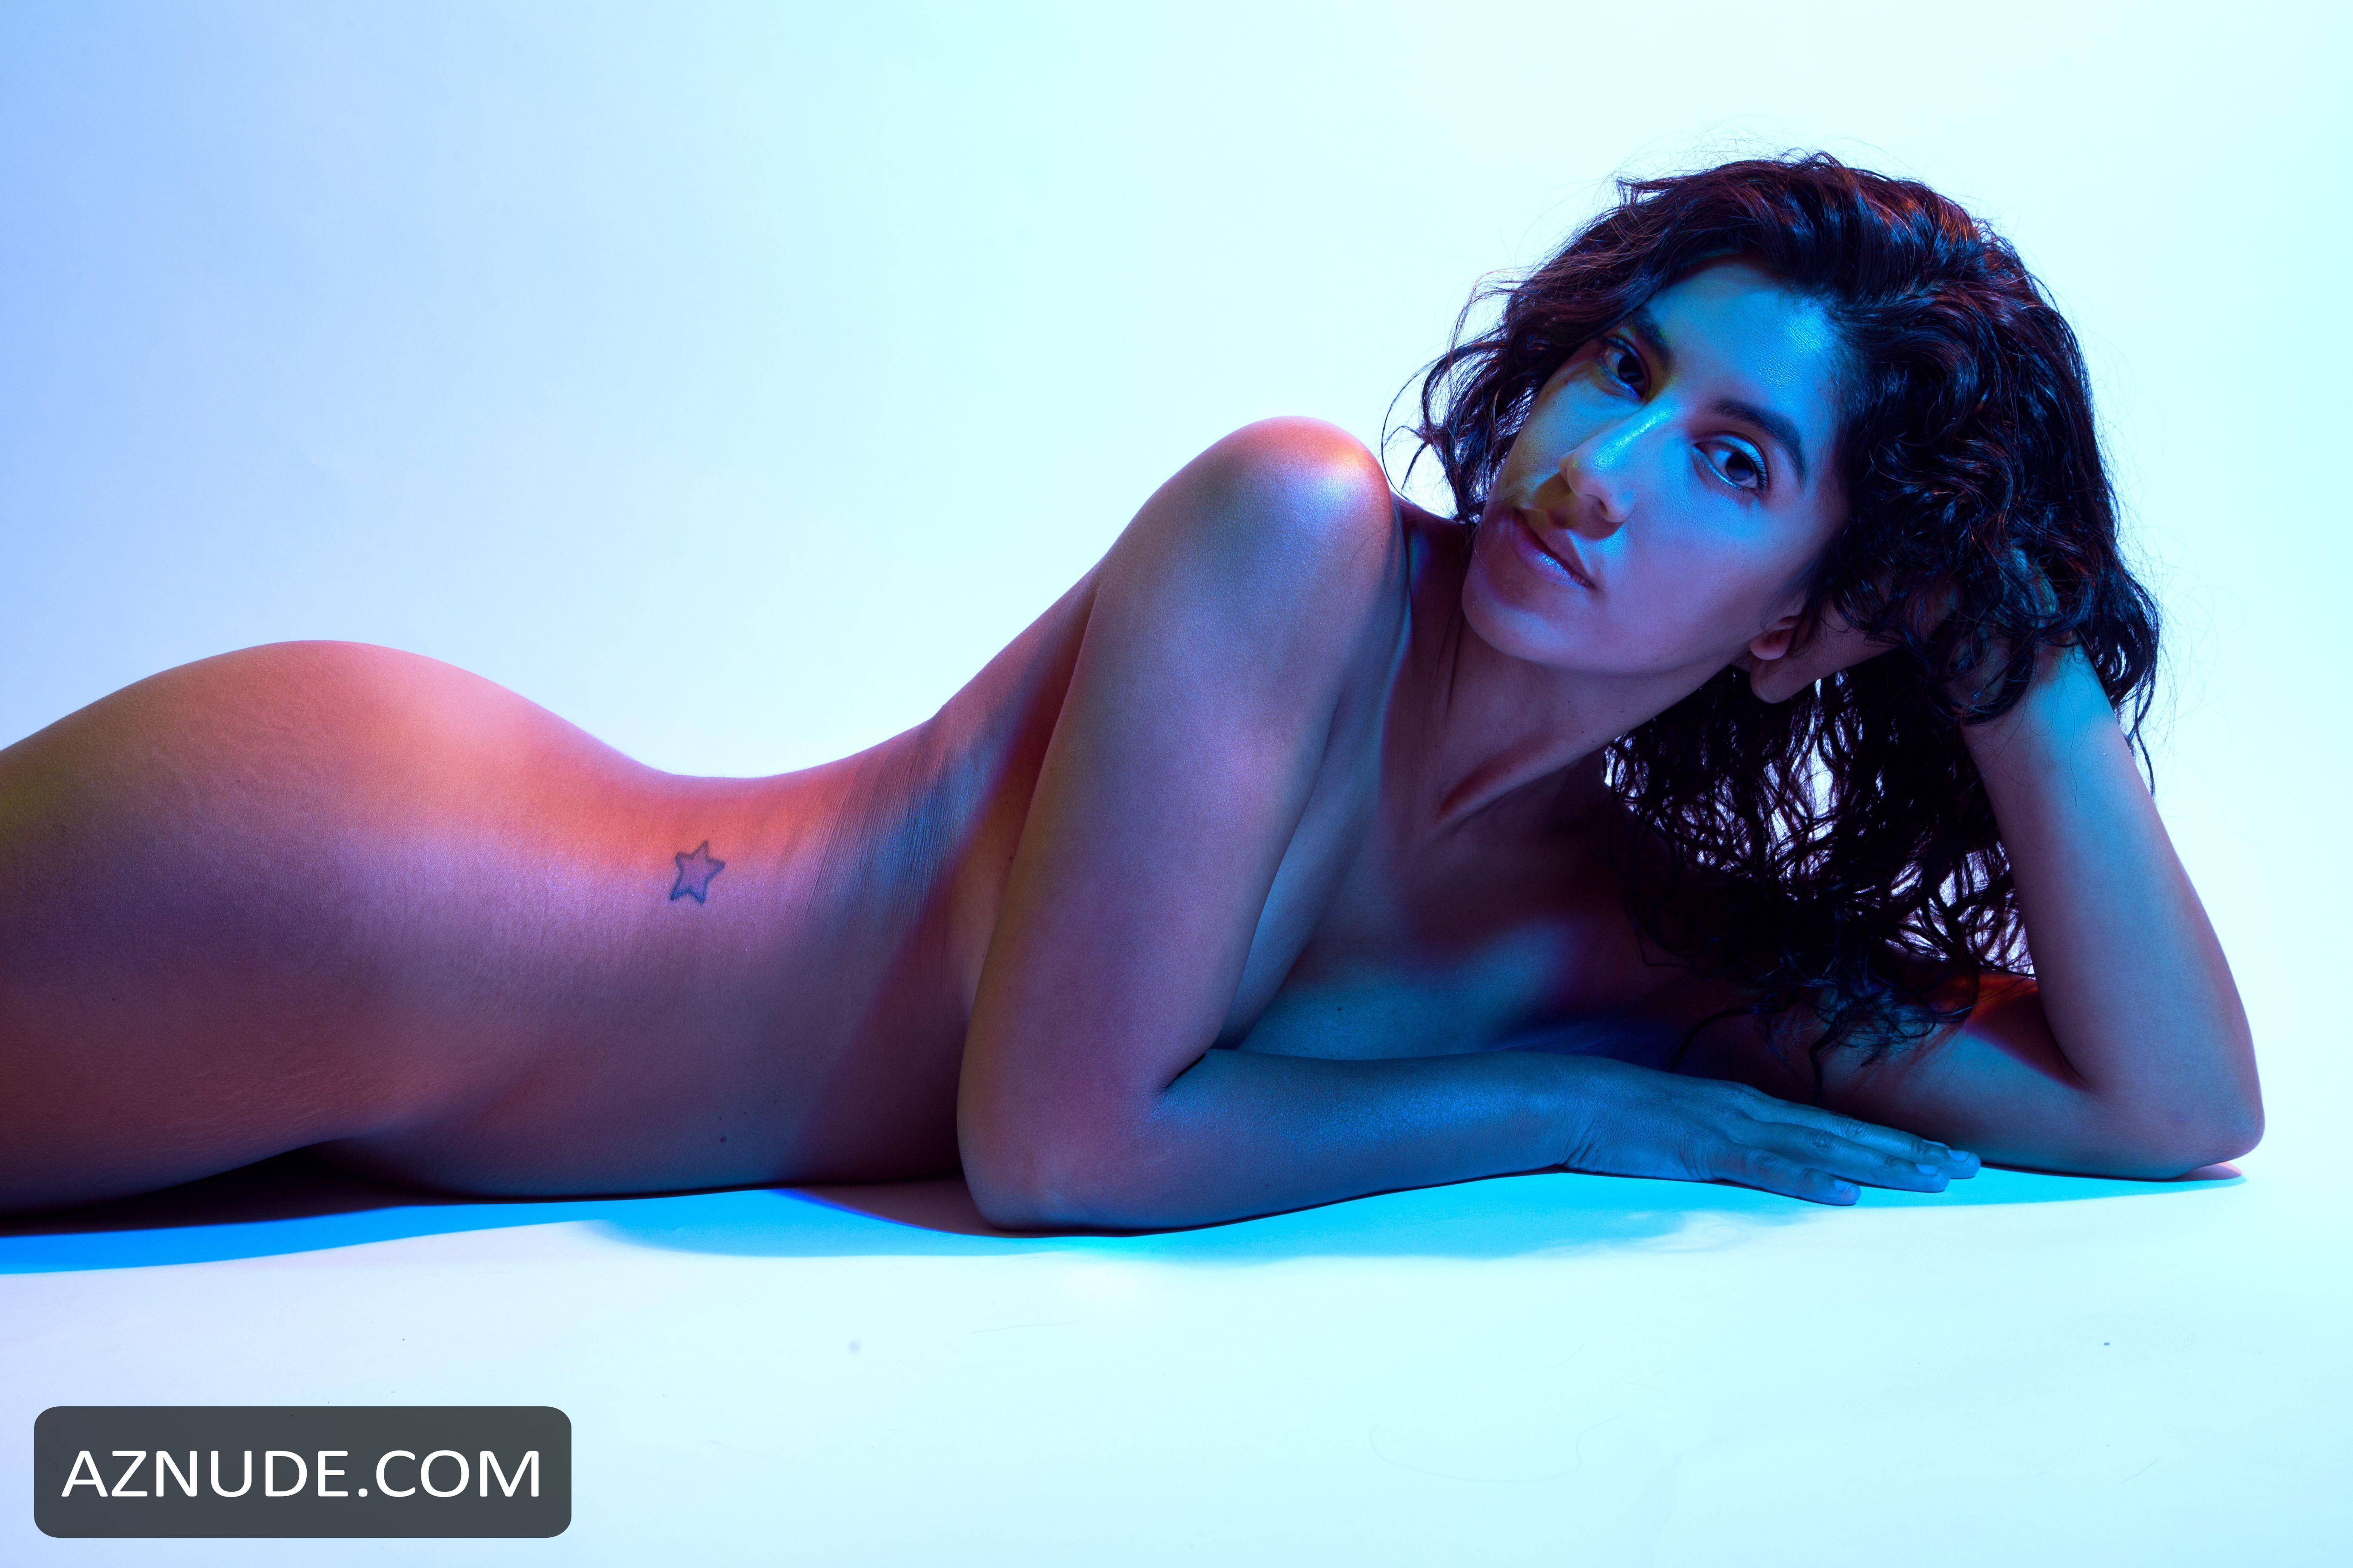 Swimwear Stephanie Lagrossa Nudes Gif